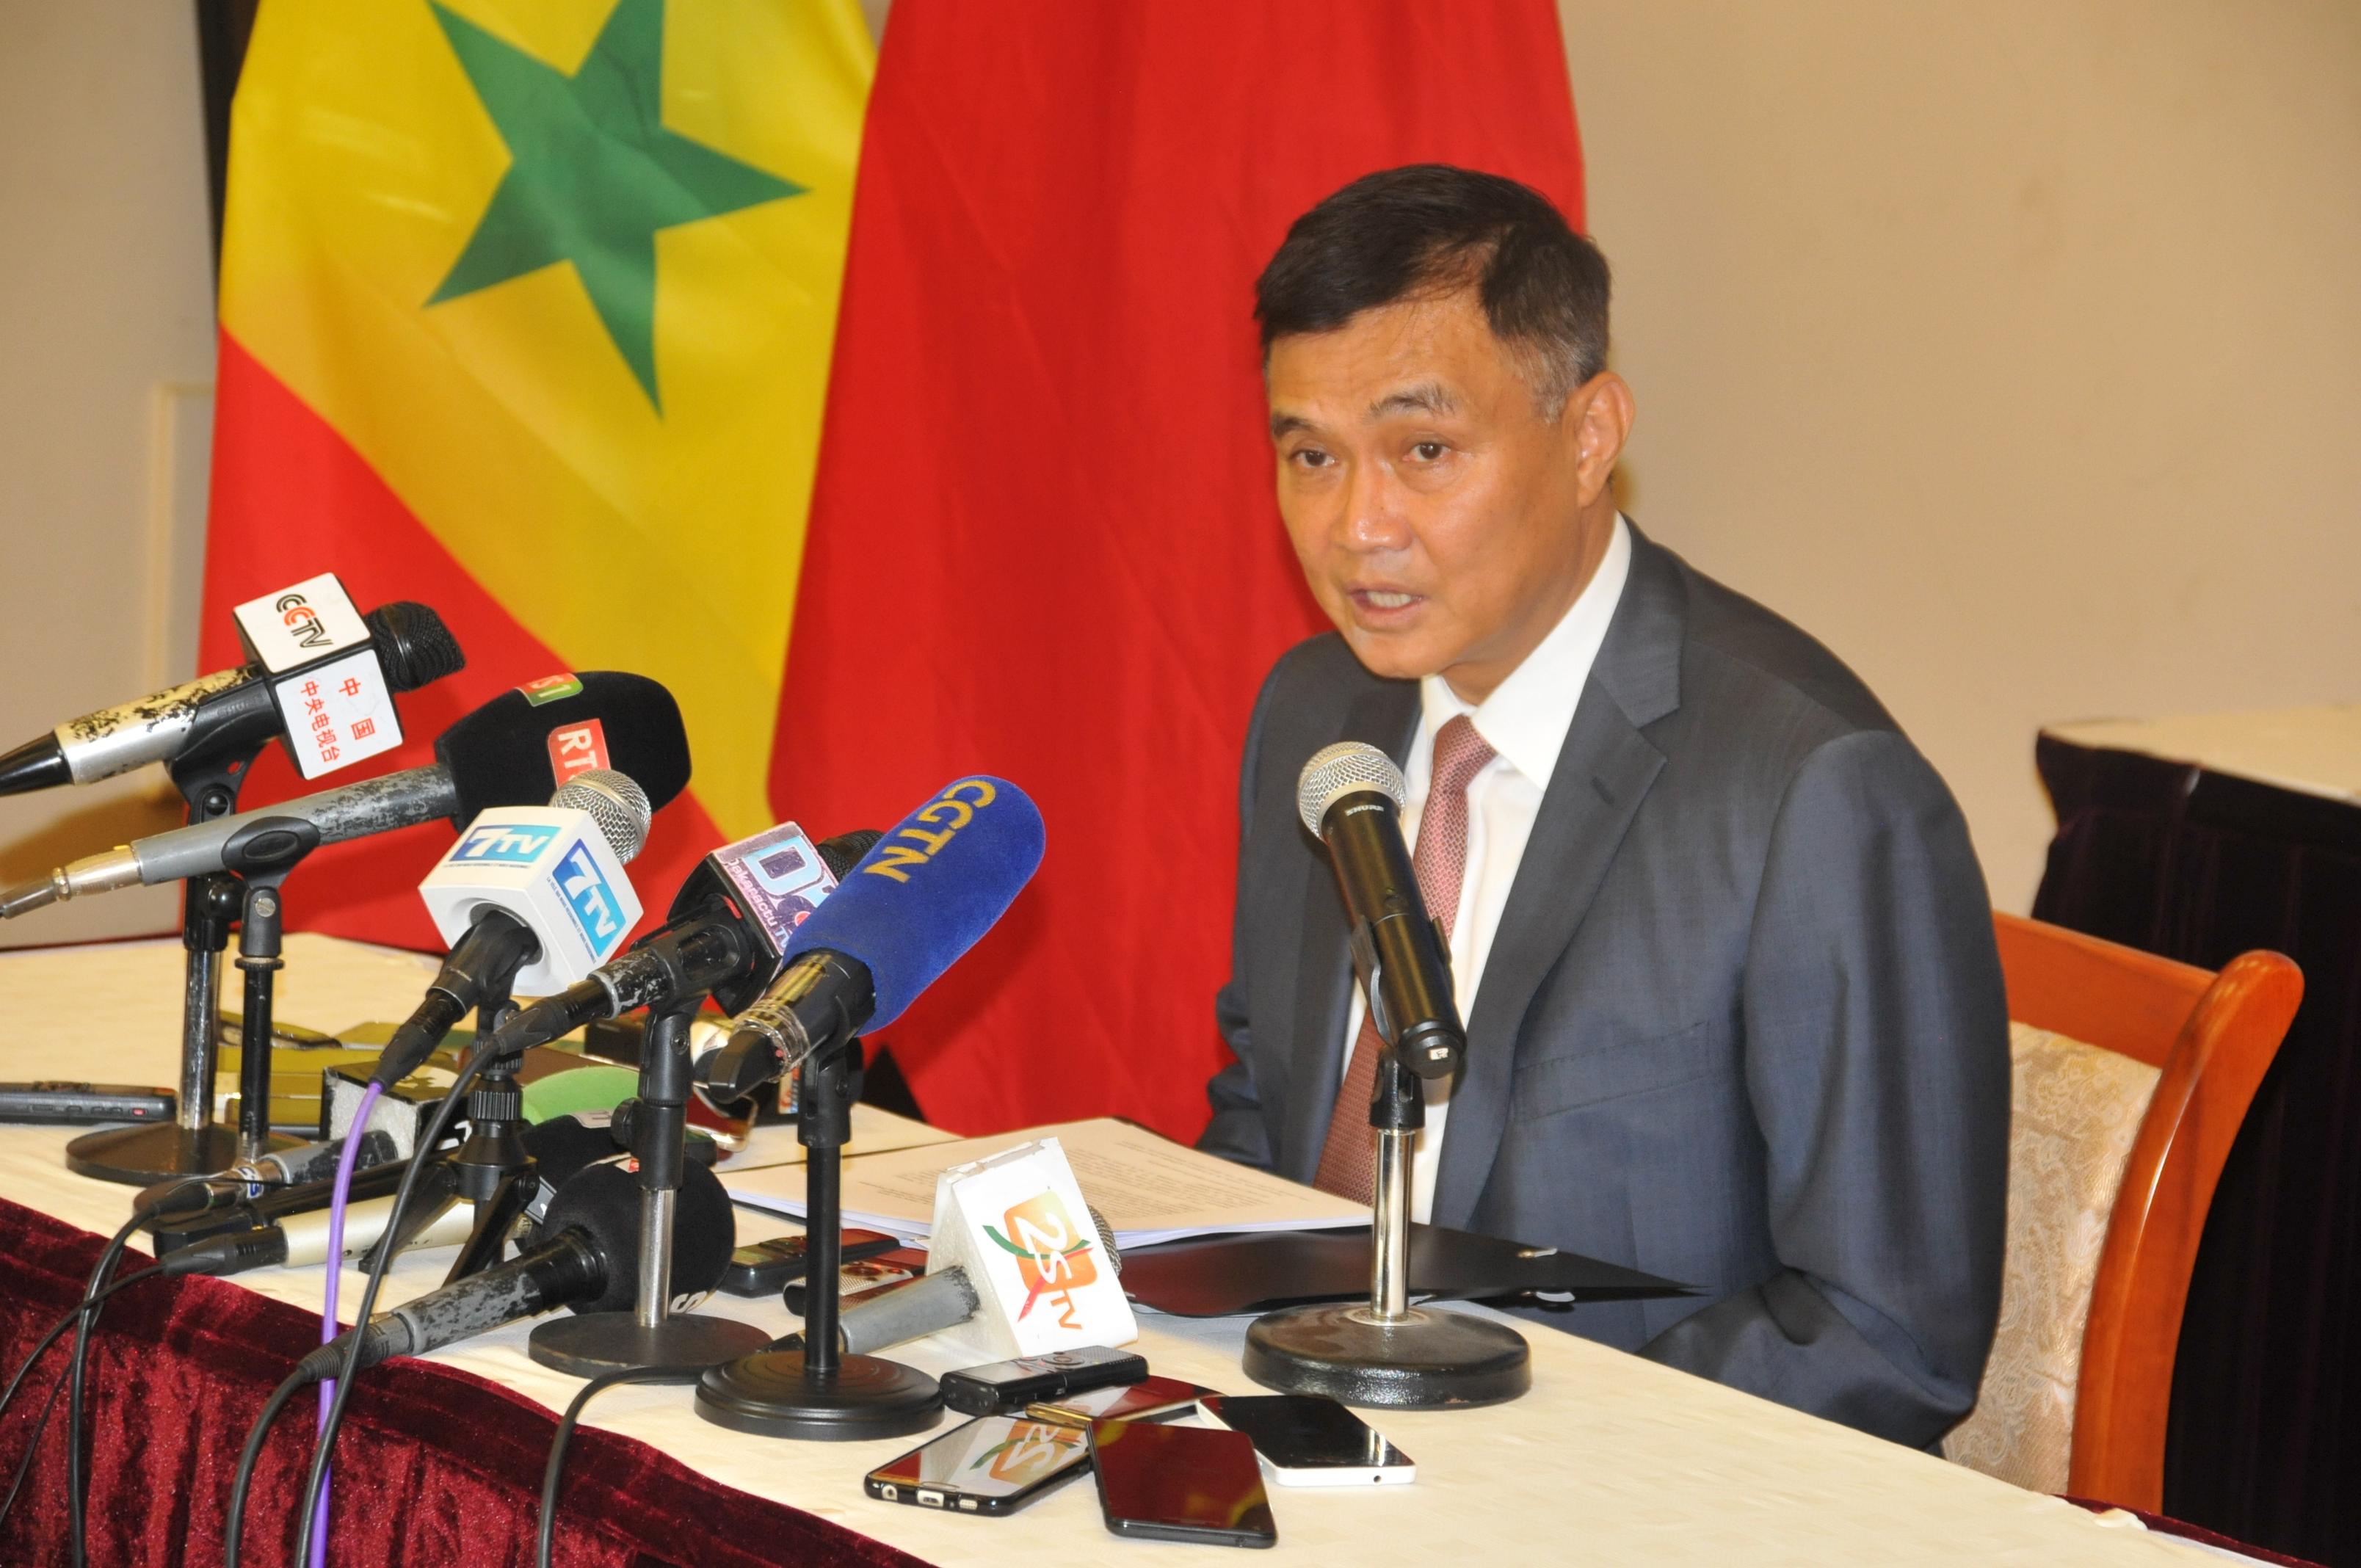 Visite du Président XI Jinping au Sénégal : L'Ambassadeur chinois prépare le terrain